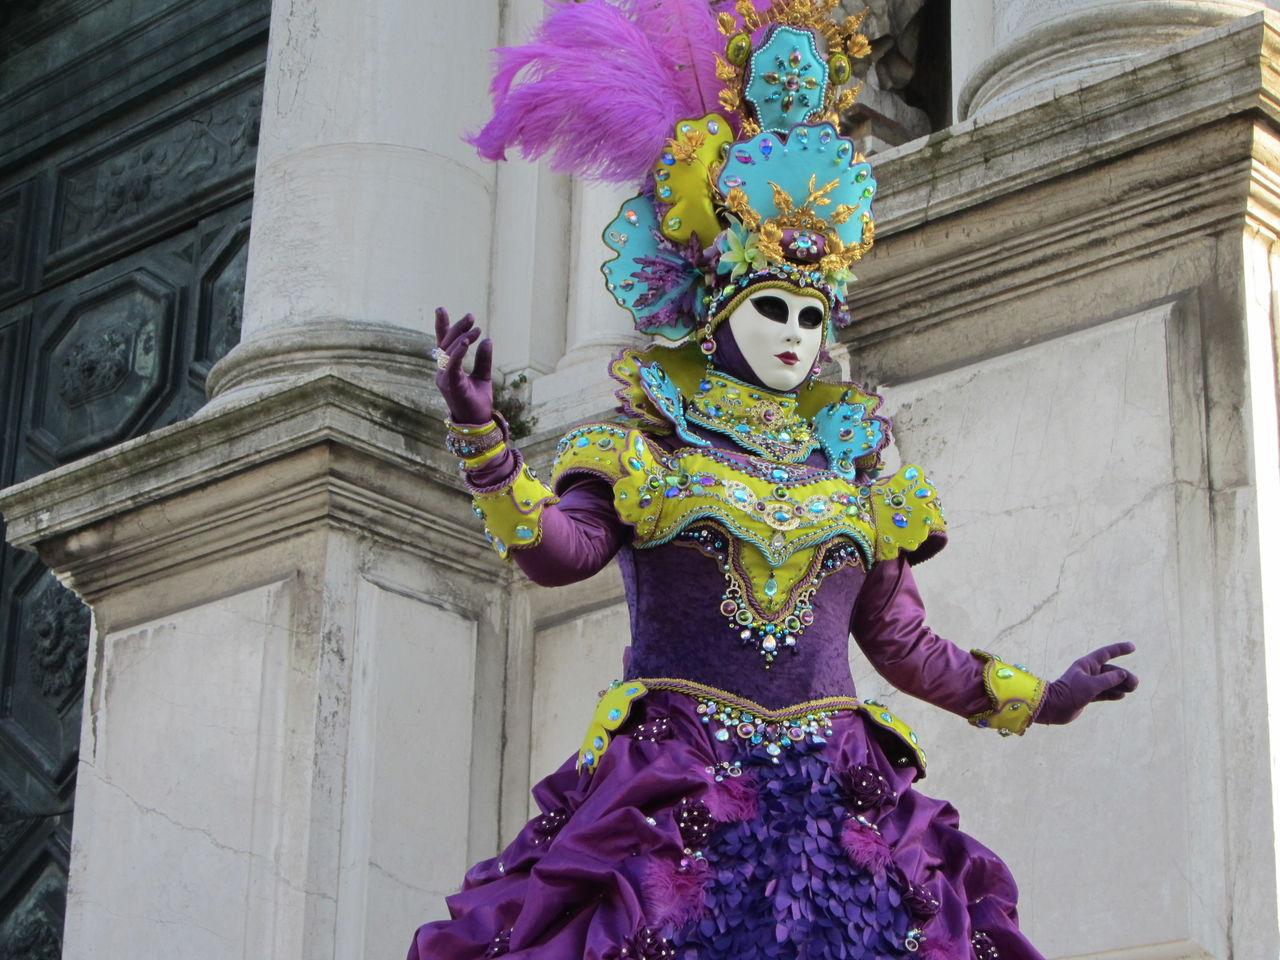 karneval in venedig karneval mystik kost m venedig von margarethe meixner bei kunstnet. Black Bedroom Furniture Sets. Home Design Ideas